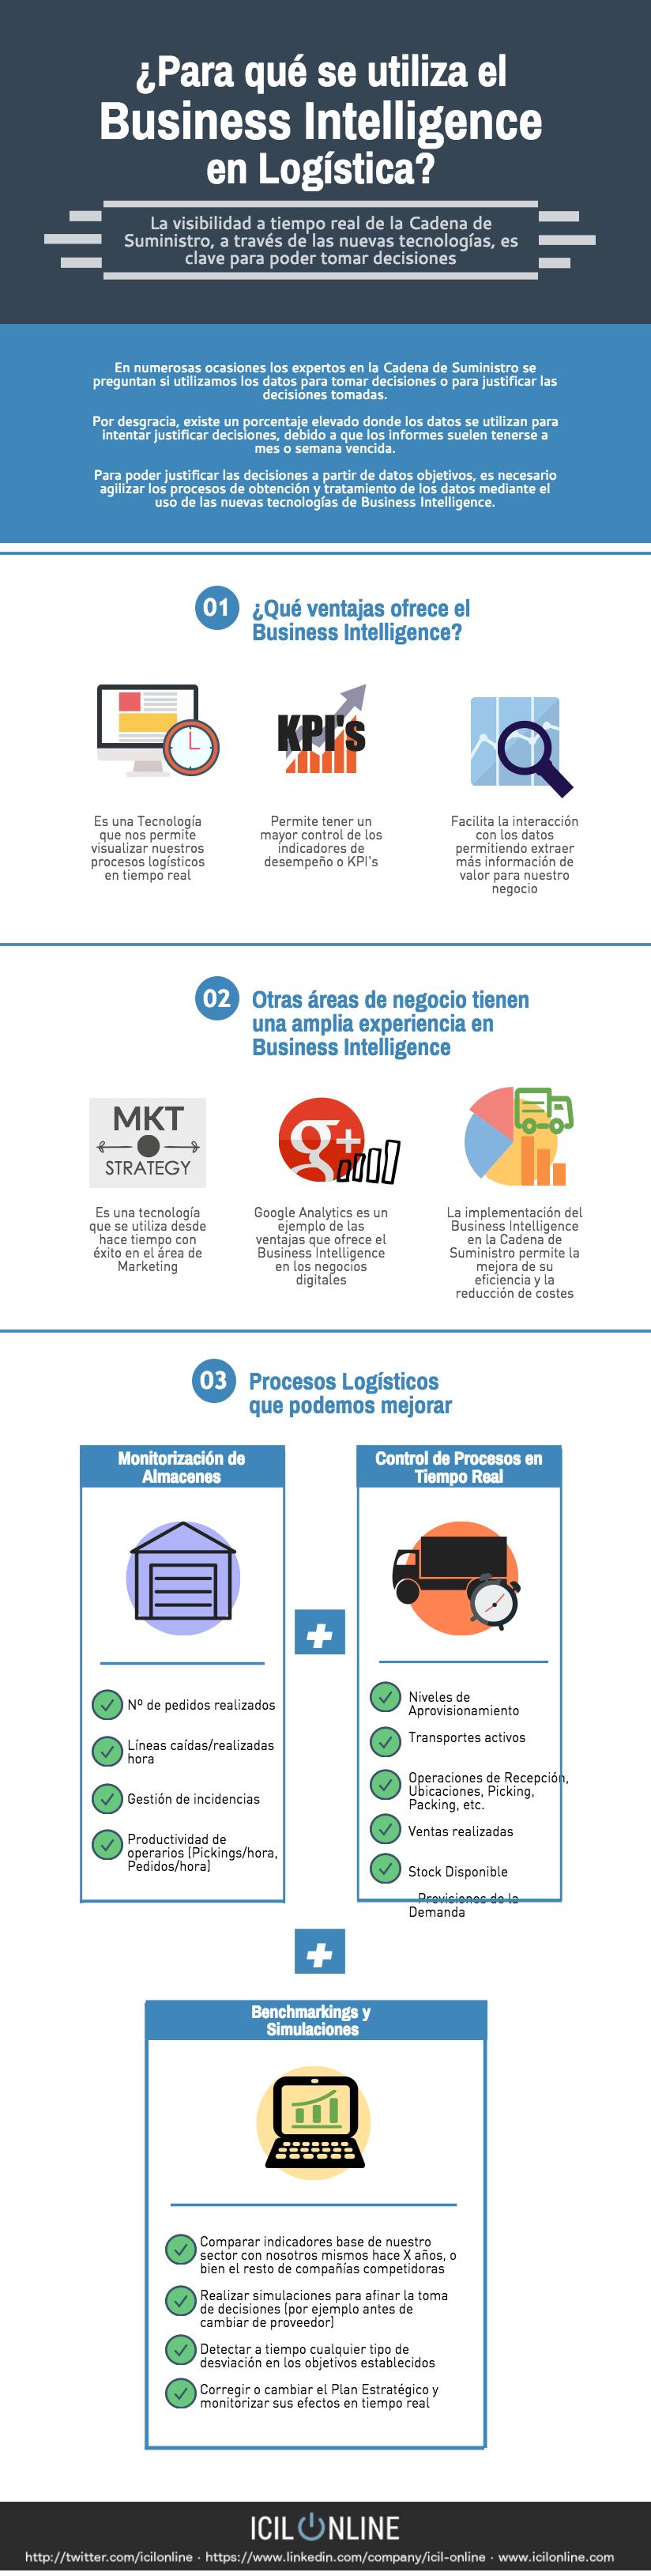 Para qué se utiliza el Business Intelligence en Logística